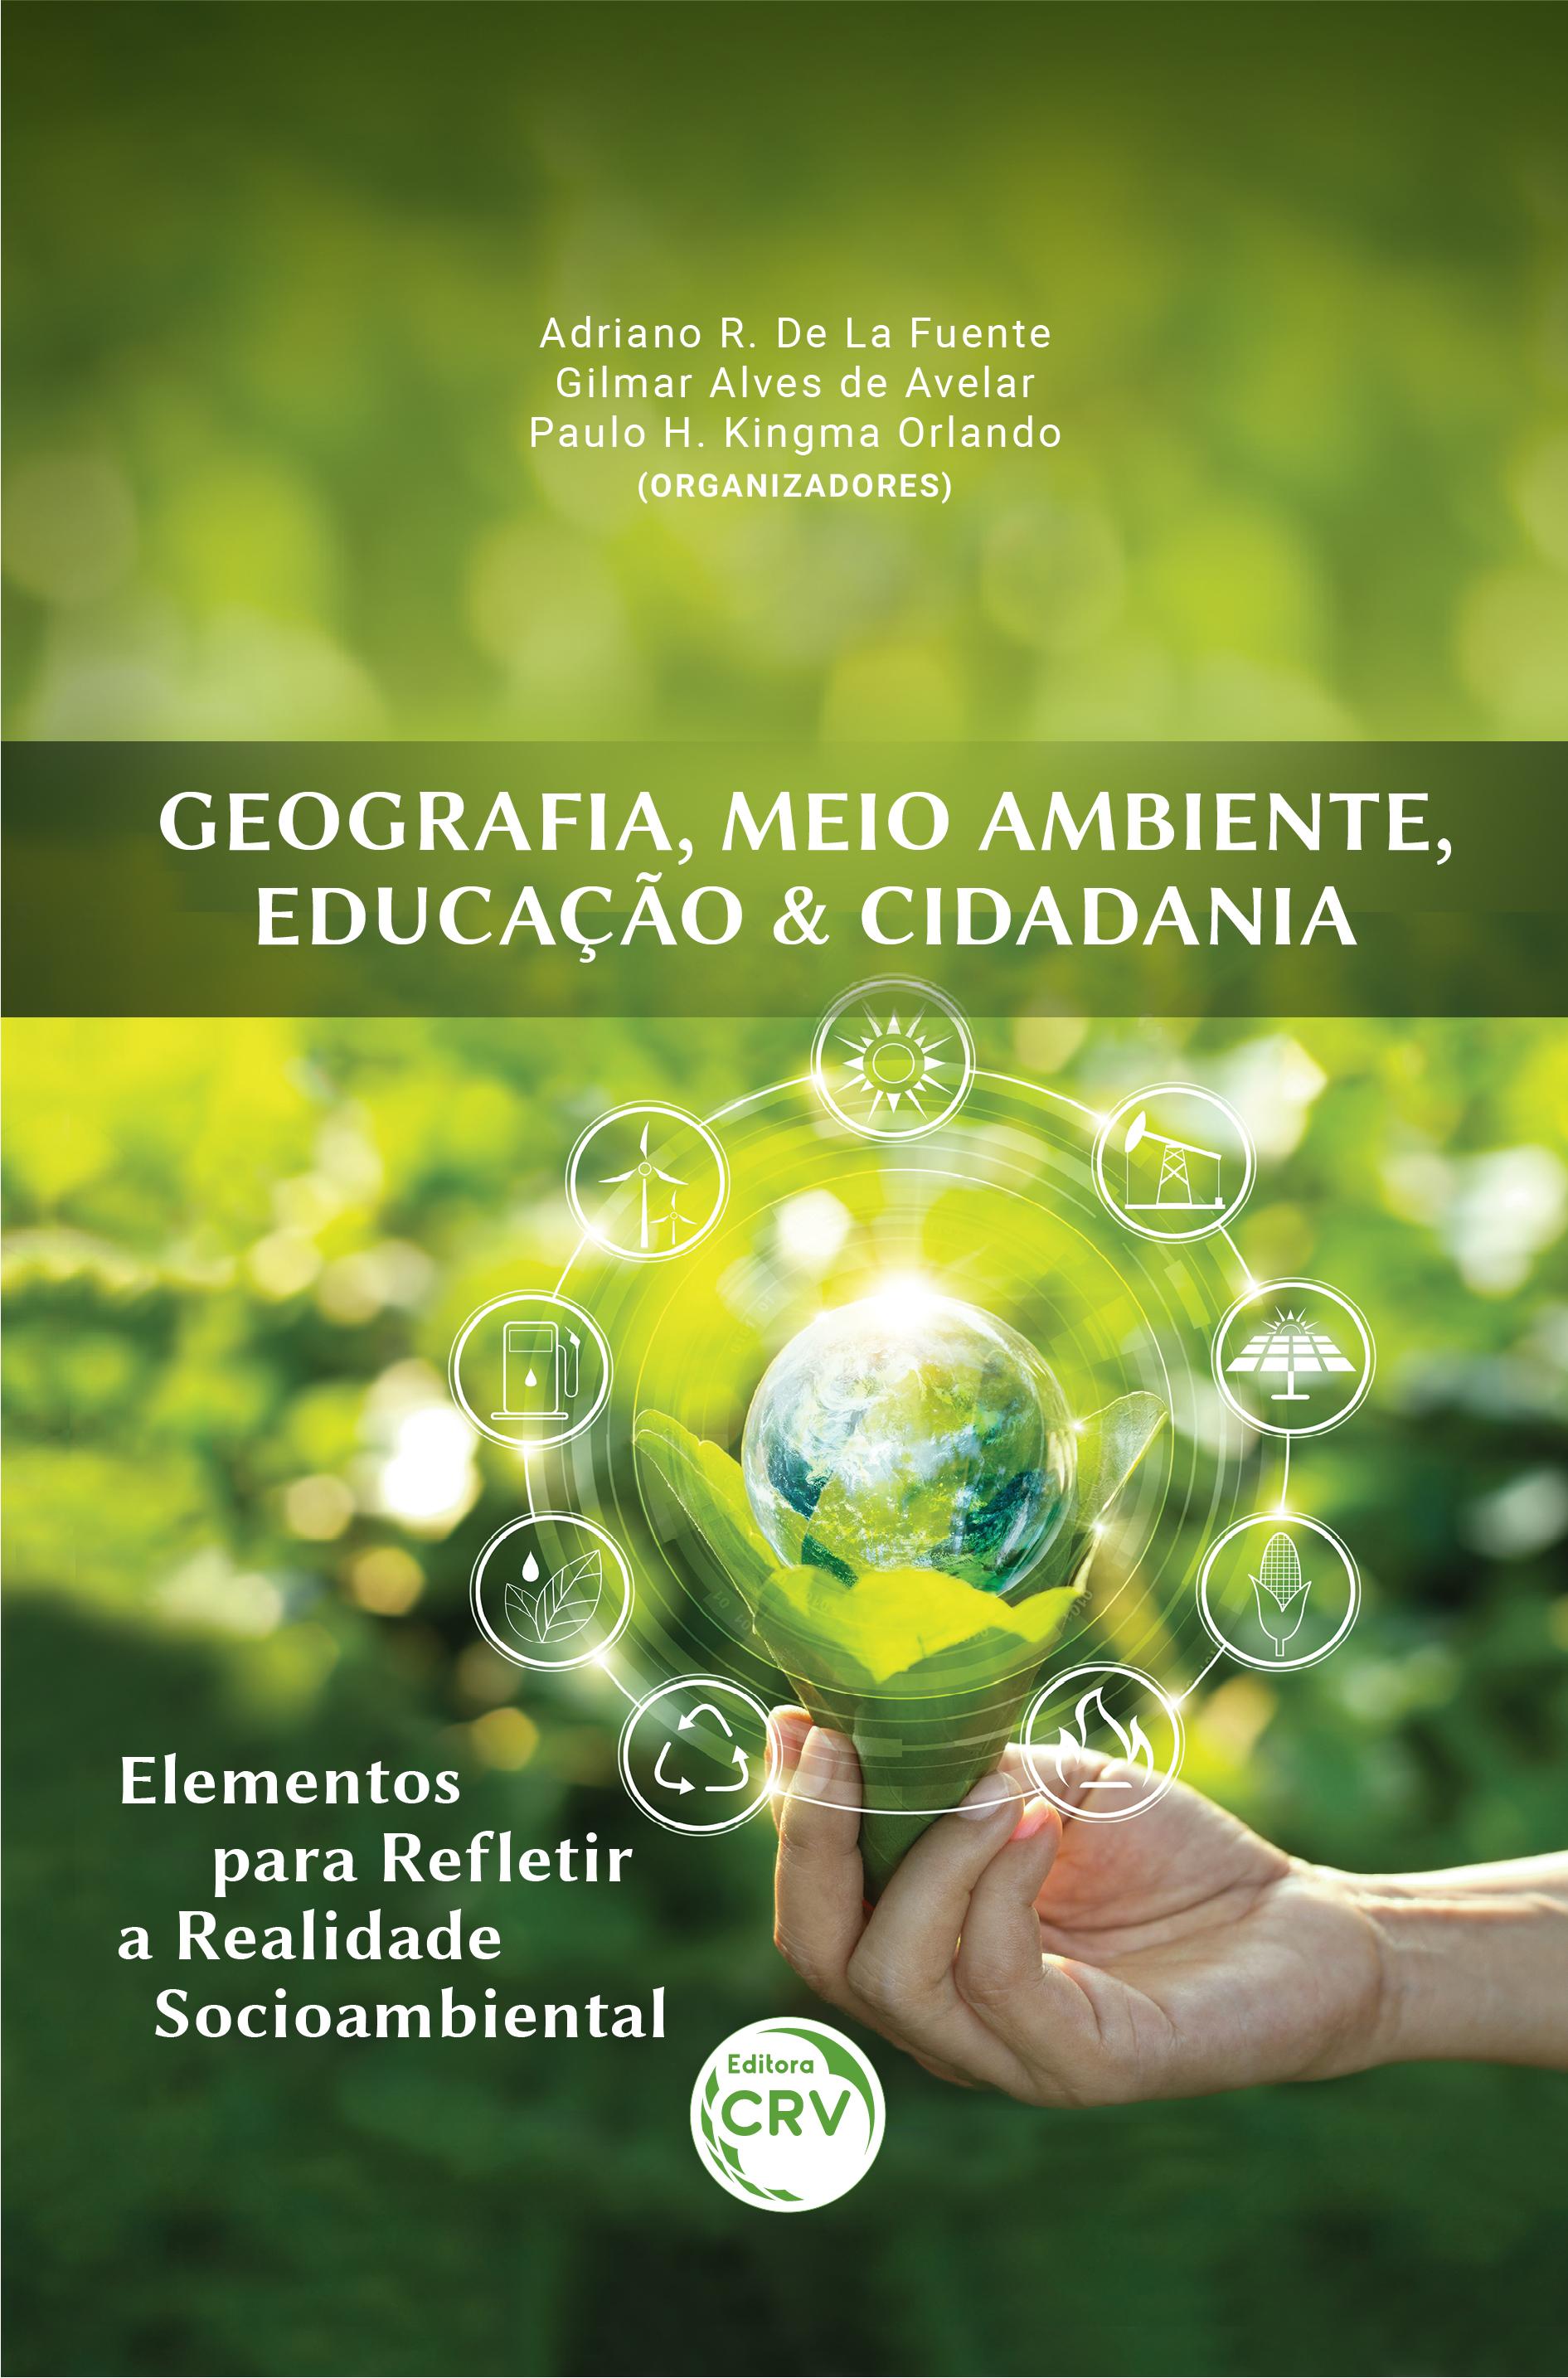 Capa do livro: GEOGRAFIA, MEIO AMBIENTE, EDUCAÇÃO & CIDADANIA: <br>elementos para refletir a realidade socioambiental